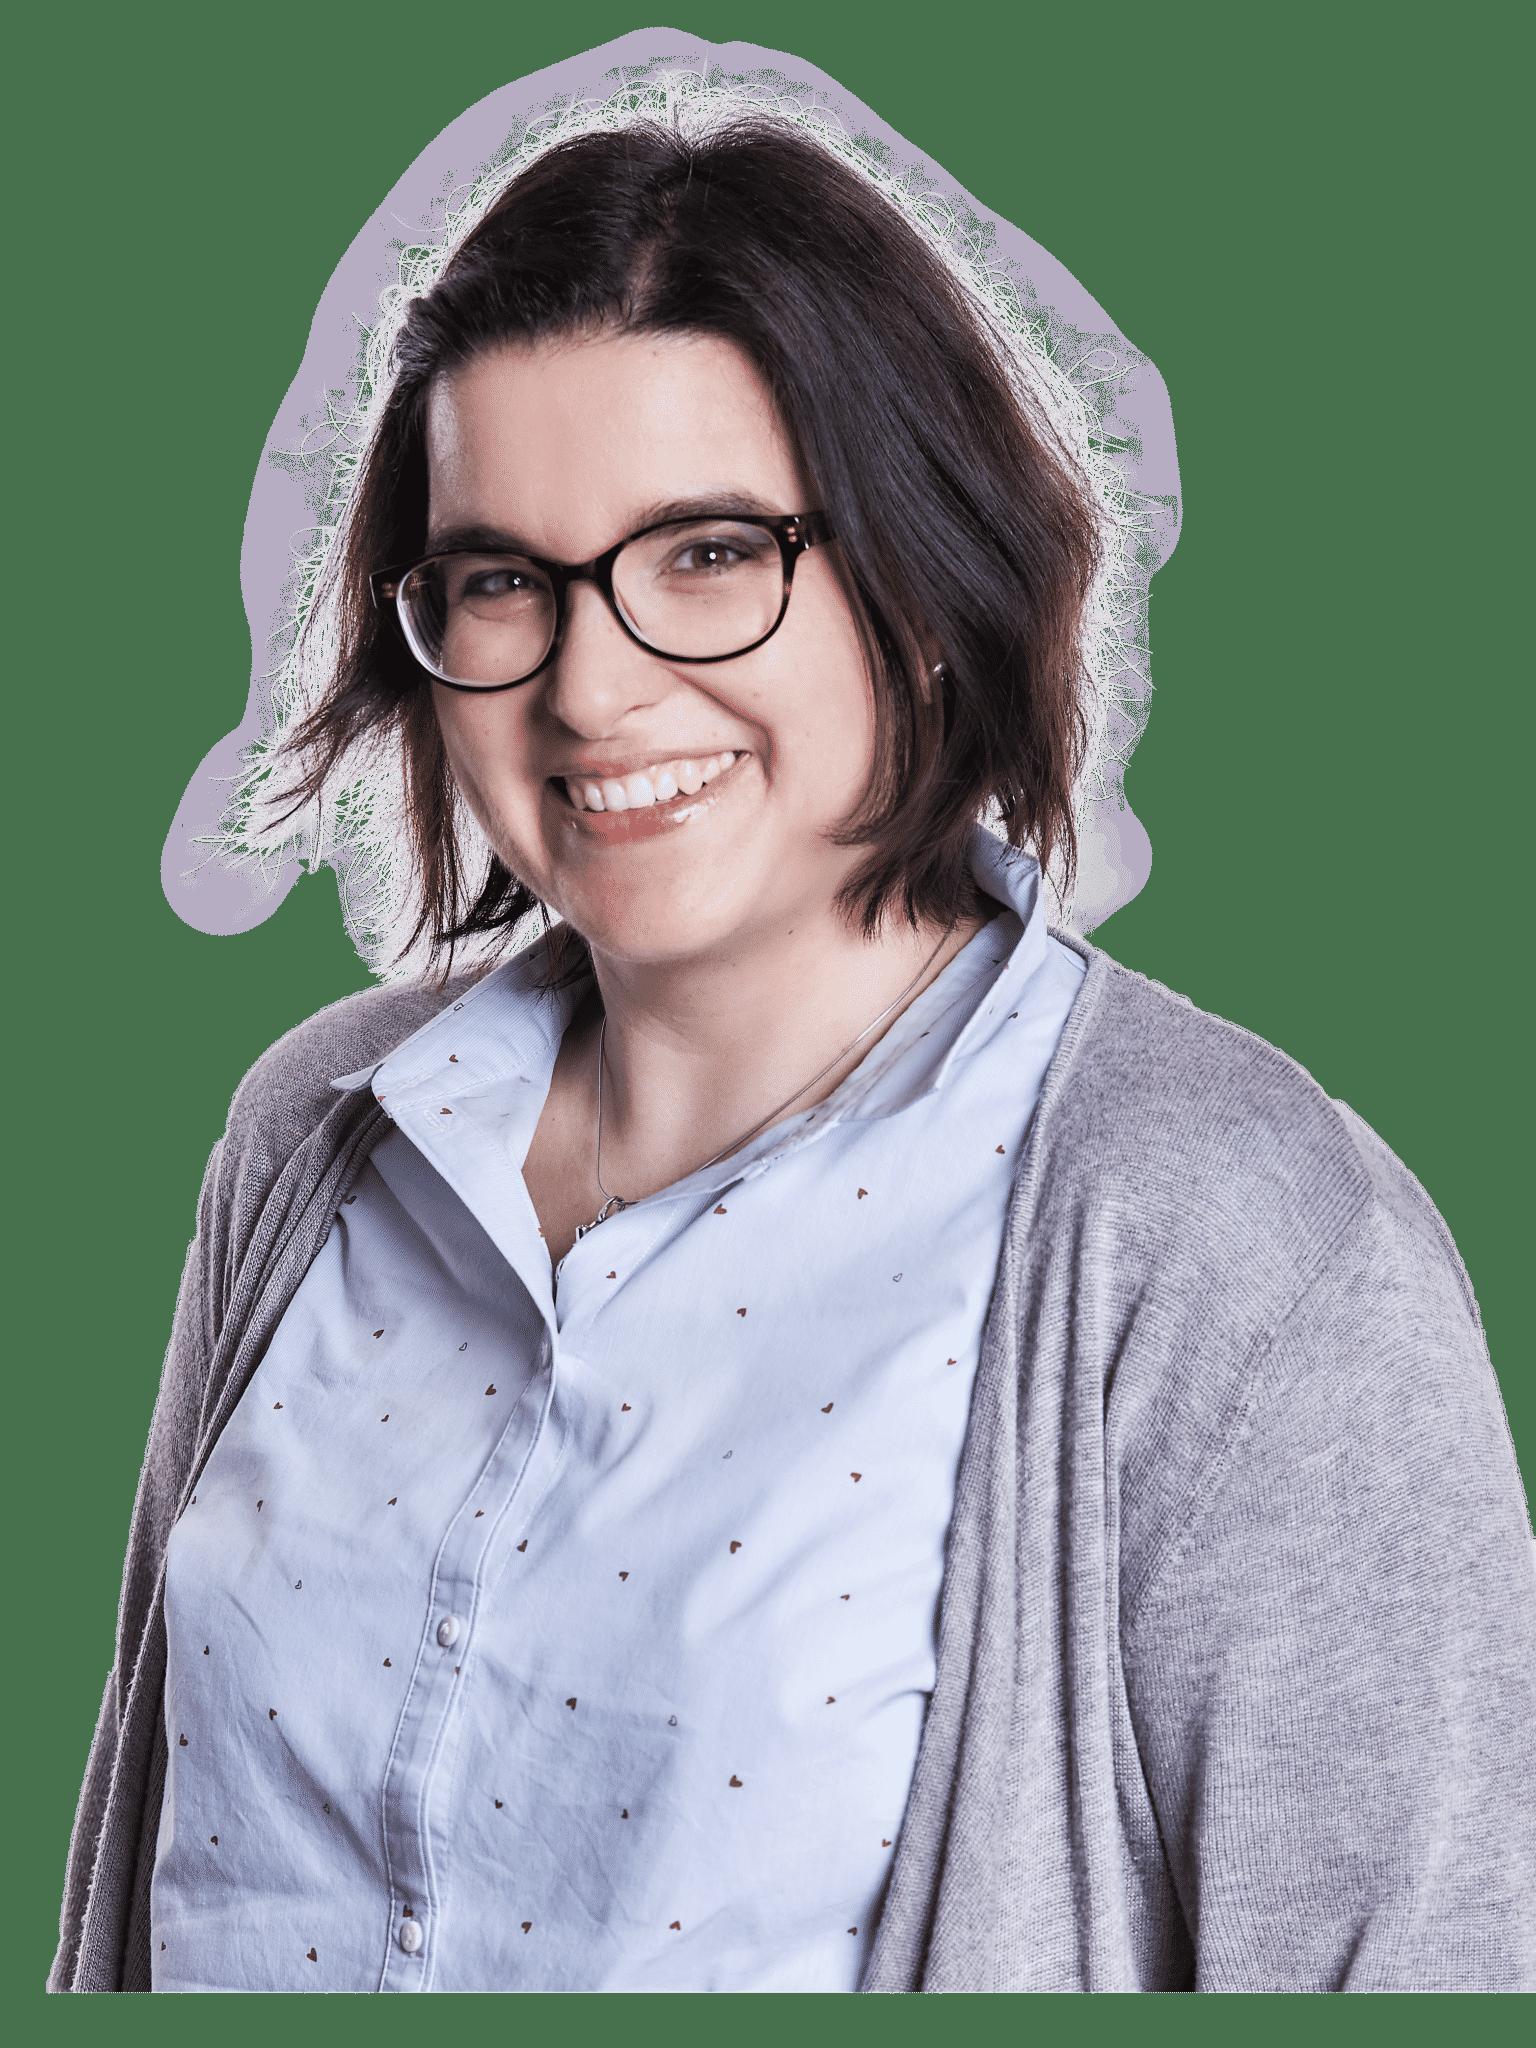 Julia Lichter